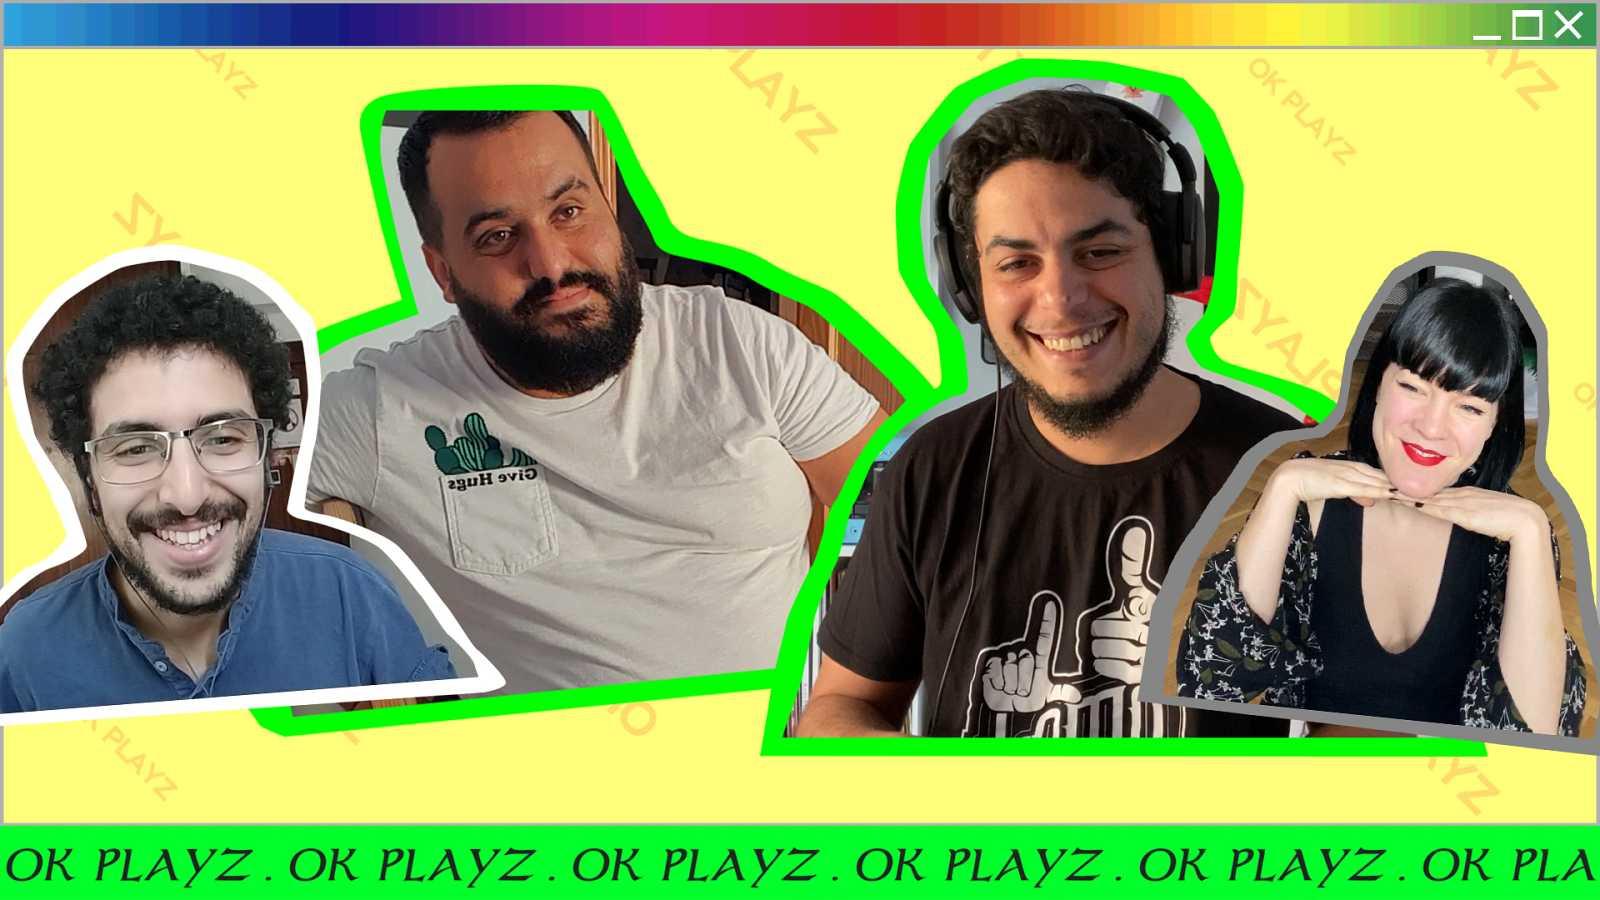 OK Playz - OK Playz con David Sainz, Kike Pérez, Noemí Casquet y Yunez Chaib